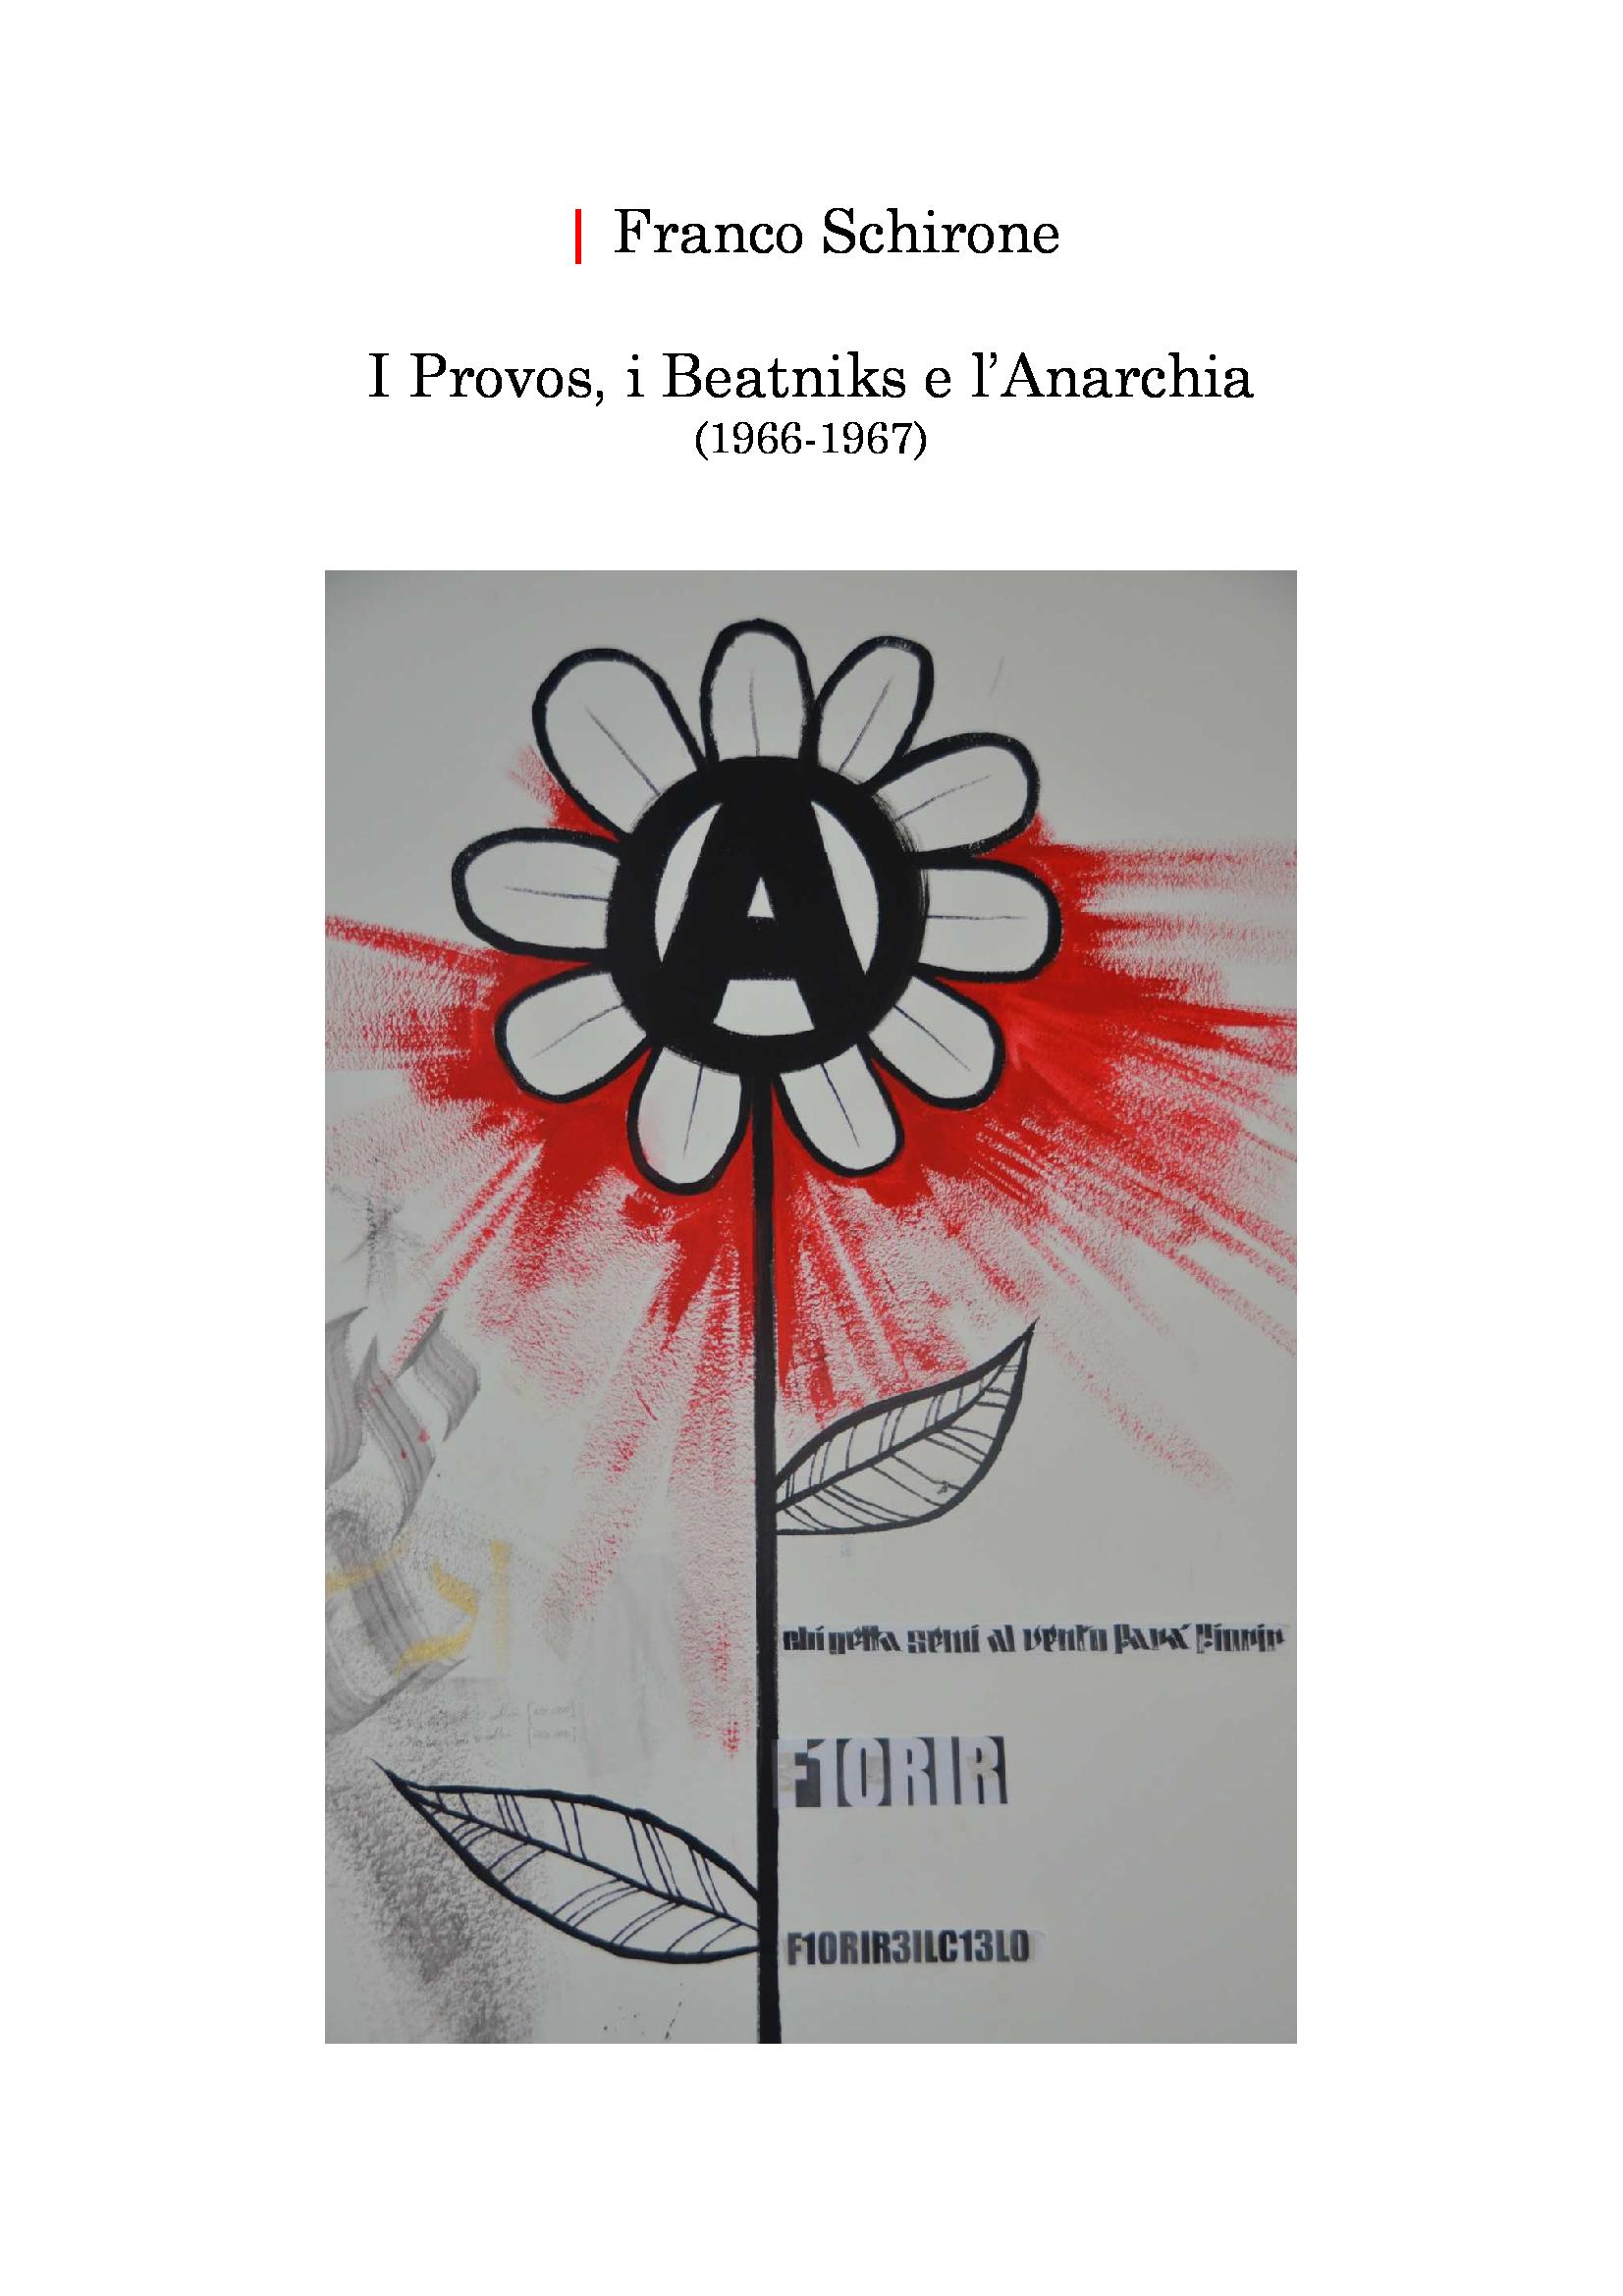 Provos, beatnik e anarchia